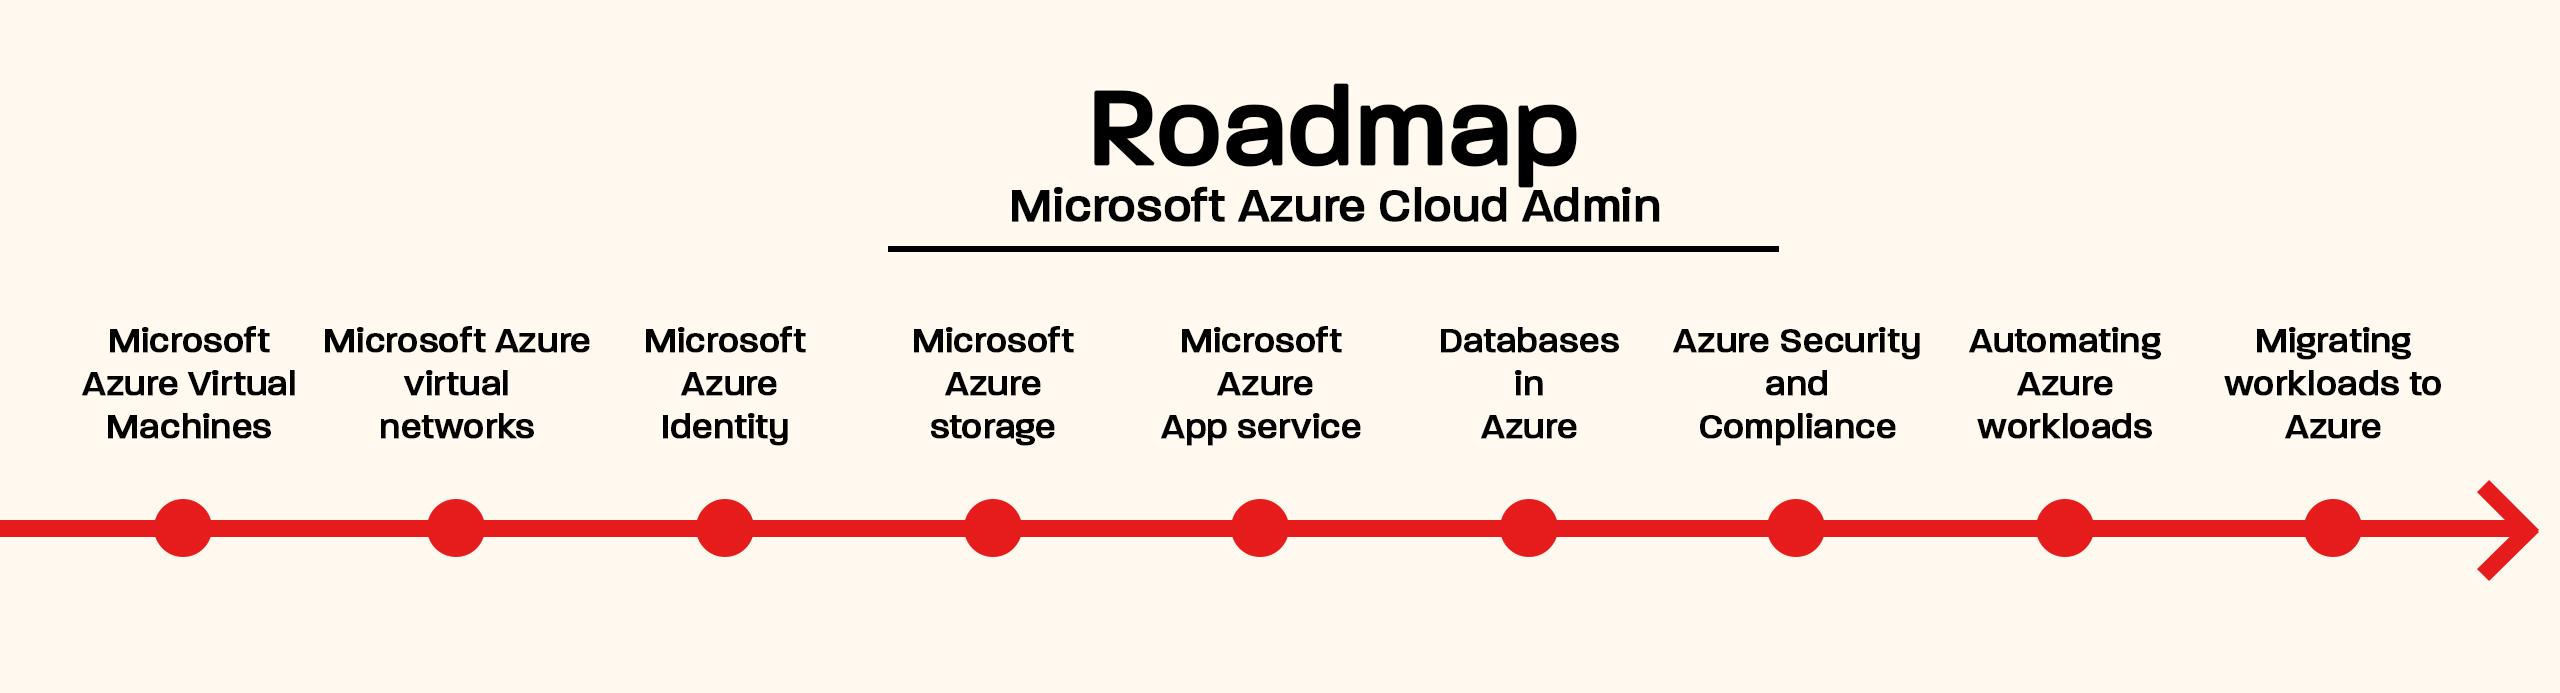 roadmap_azure_admin